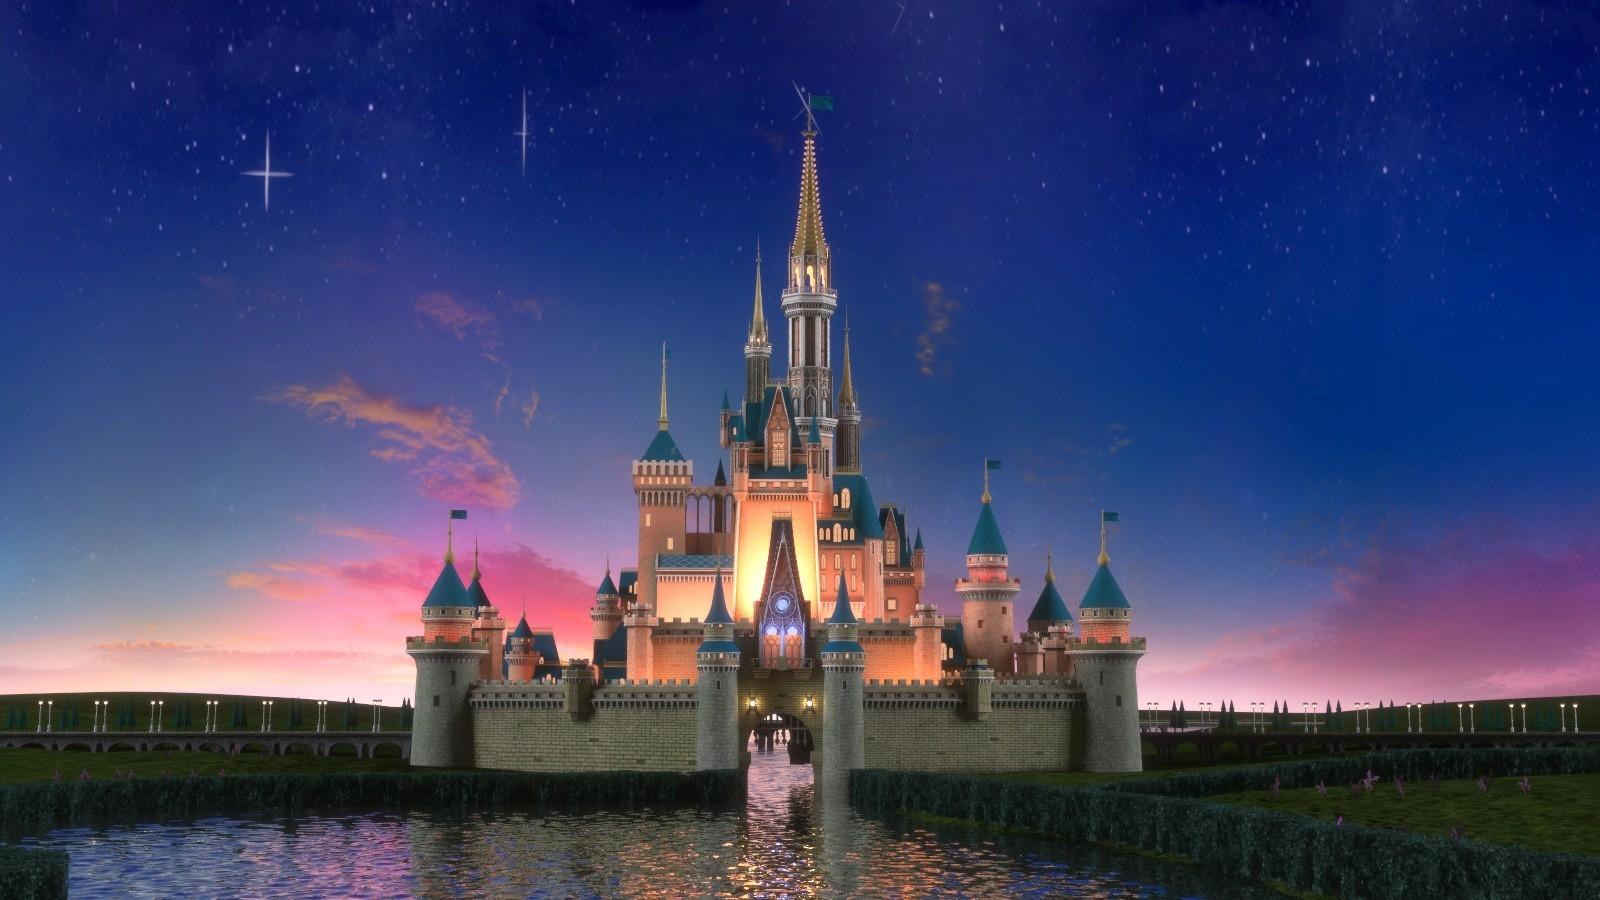 Cinderella Castle MOC-28543 Movie Designed By Brickproject With 581 Pieces